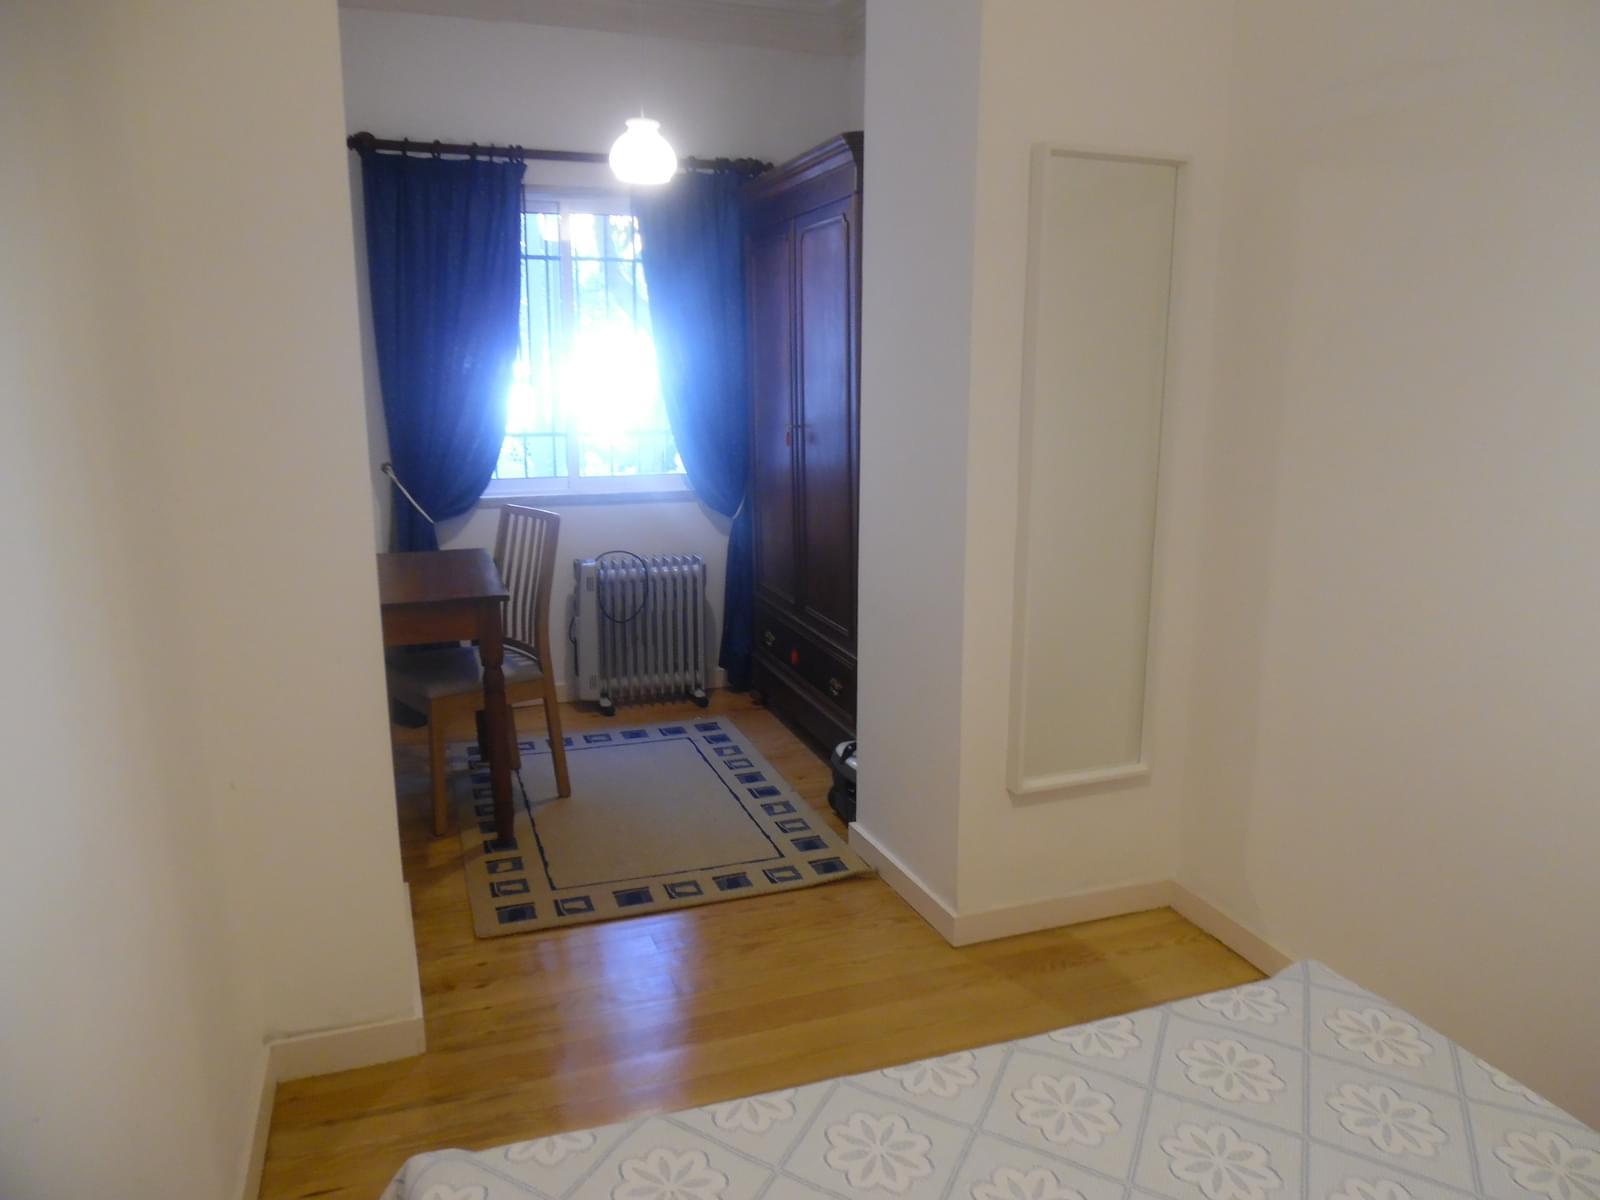 pf17147-apartamento-t2-lisboa-54087444-17ff-4001-9ecd-a7cfb21603b0